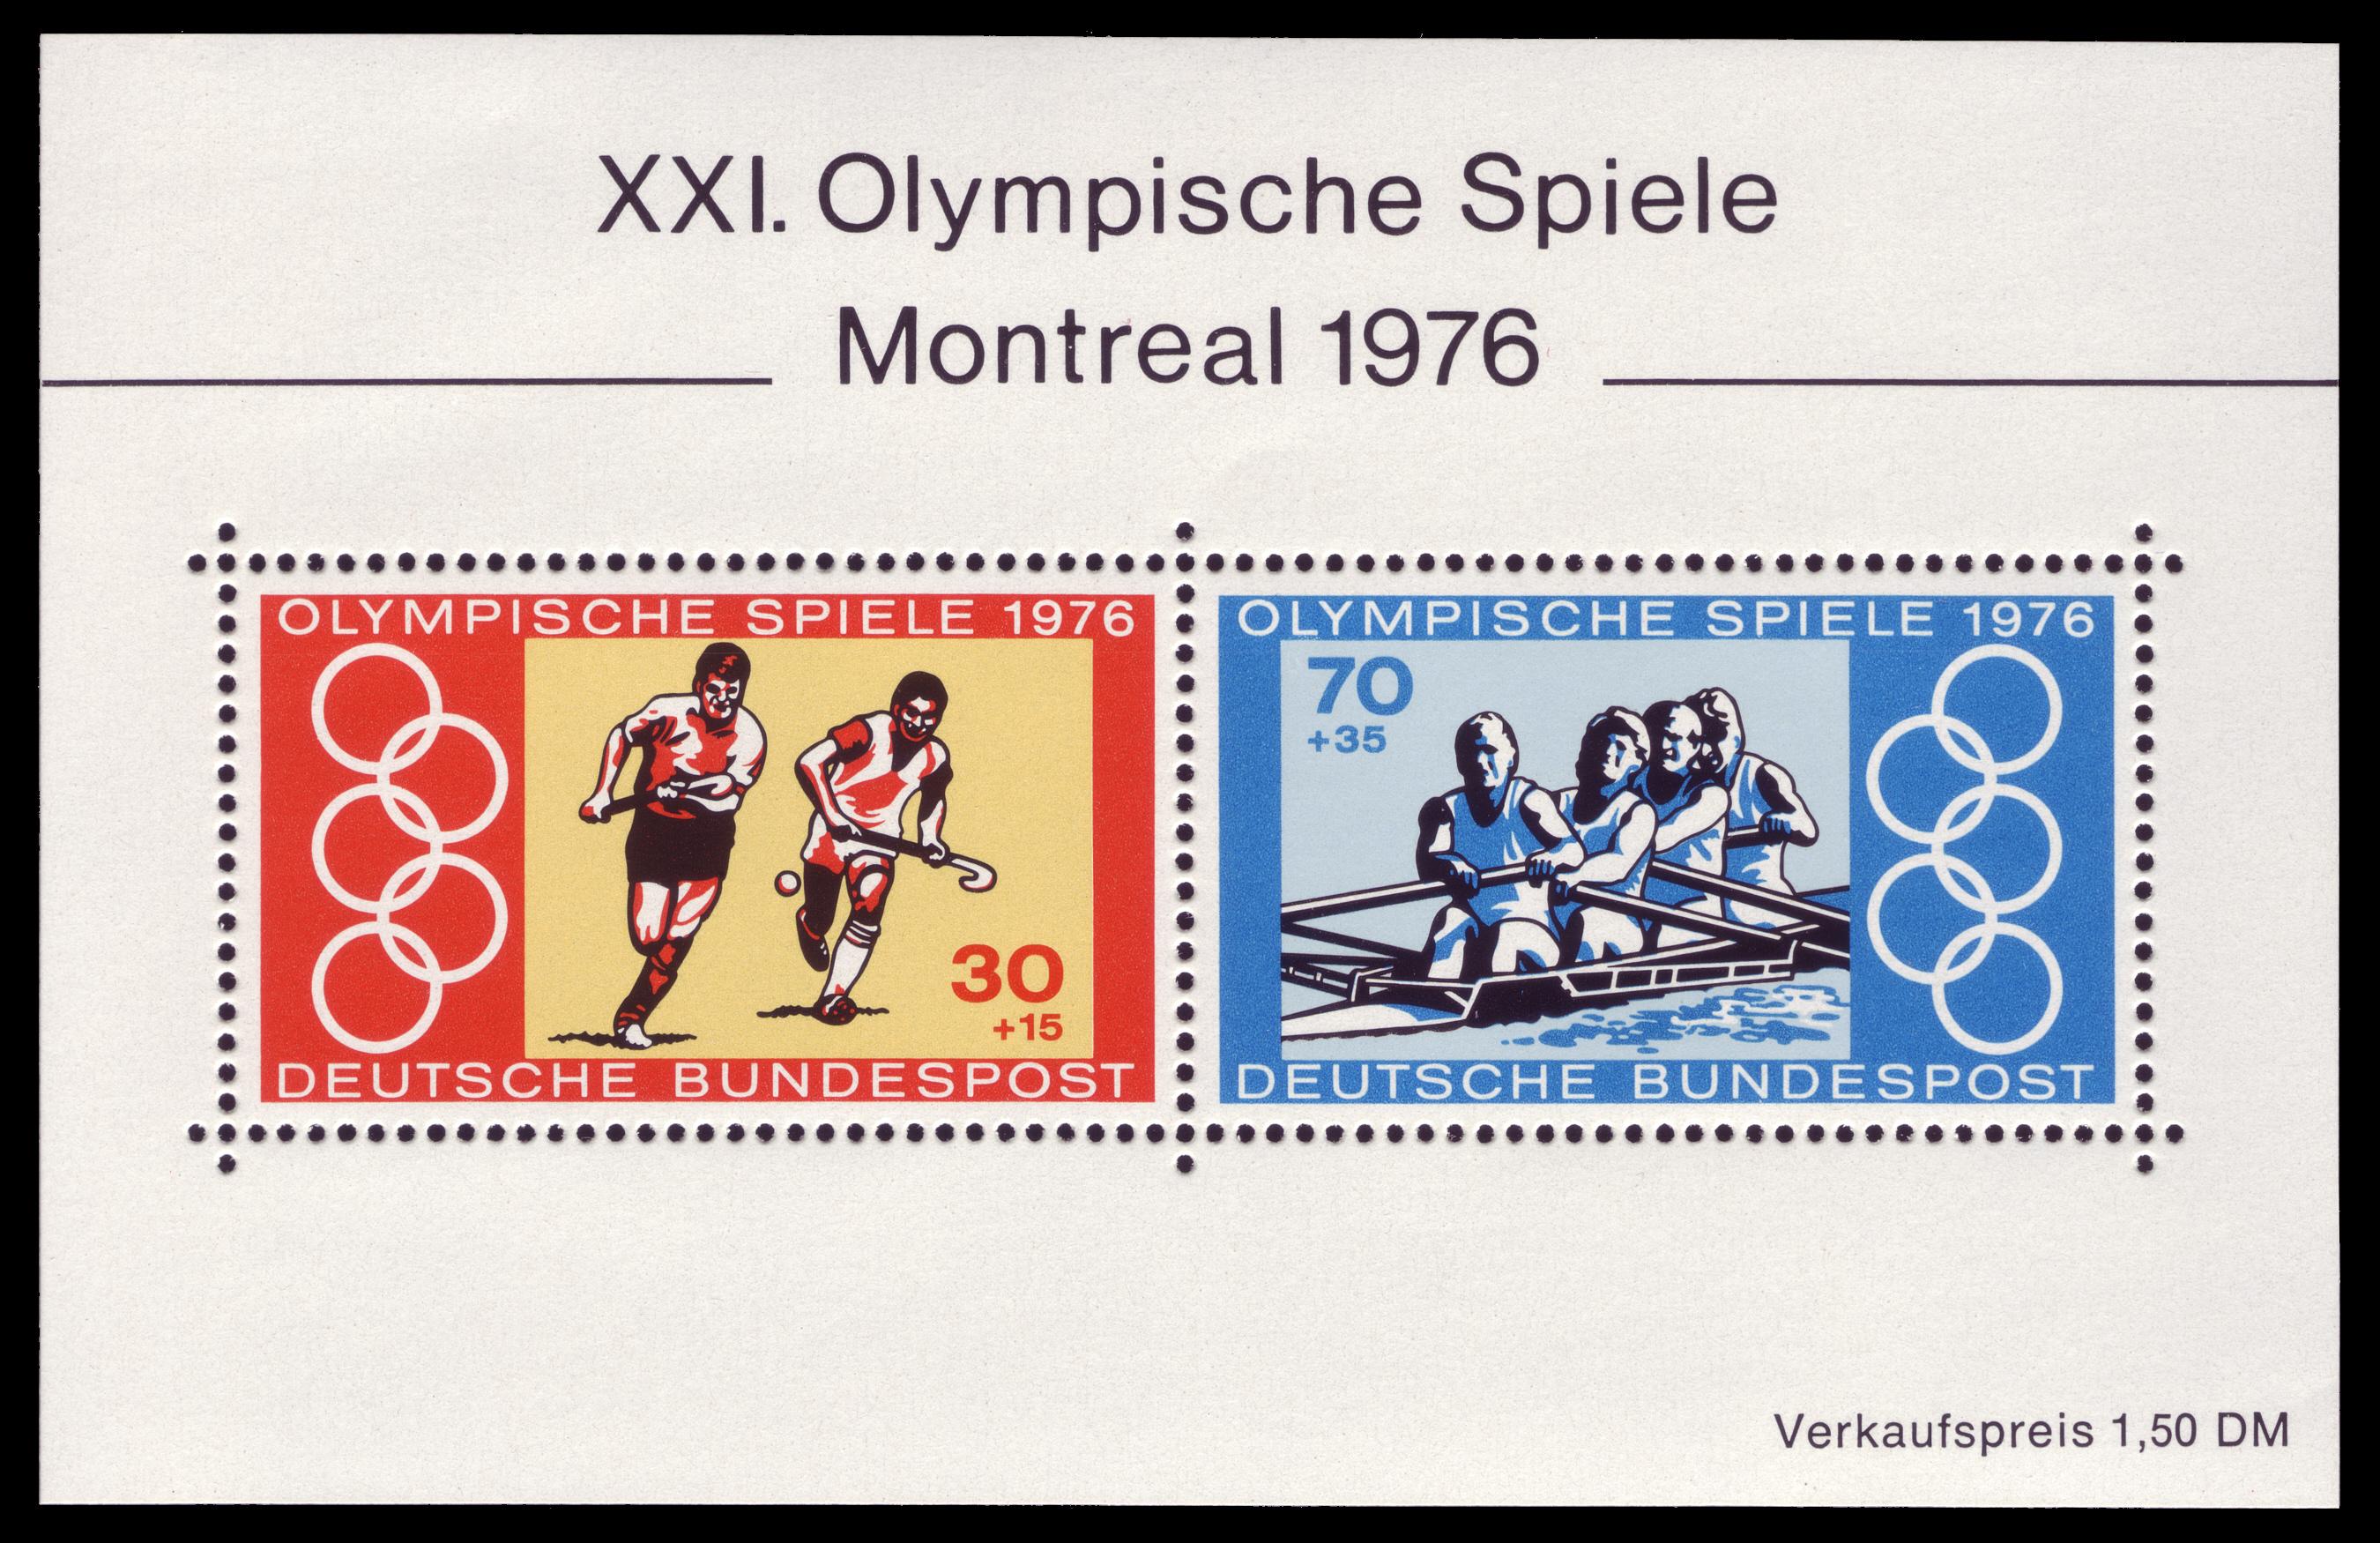 Briefmarken Verkauf Wert Wertvolle Antiquitäten Erkennen Wenn Aus